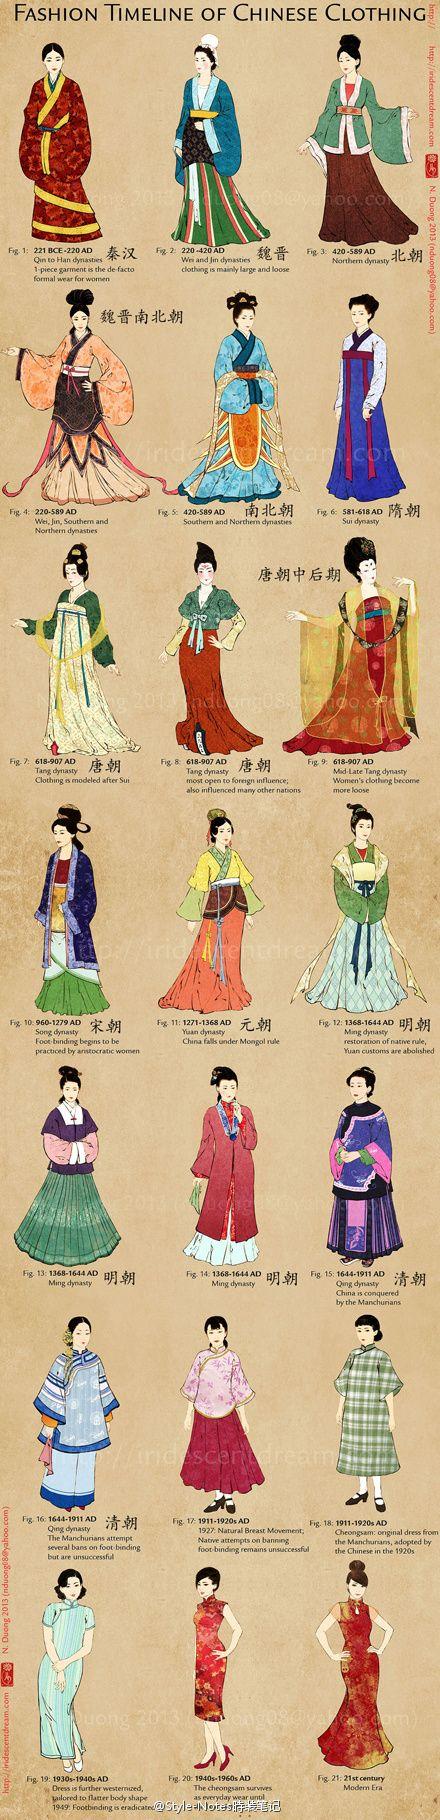 Fashion Timeline of Chinese Clothing